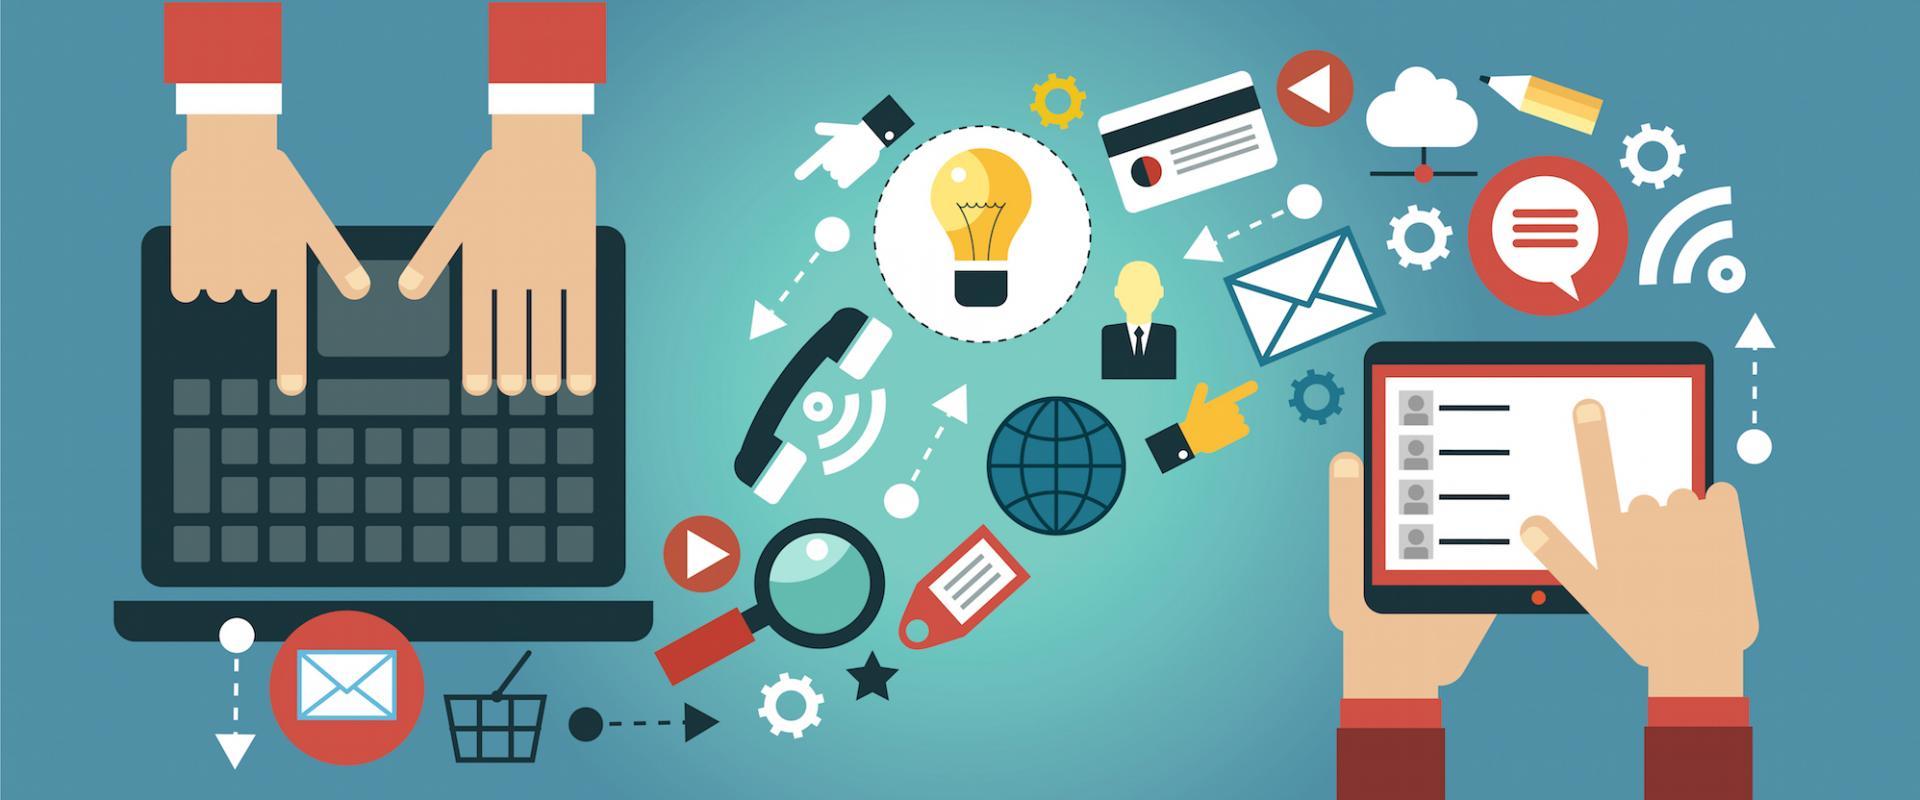 E-ticaret'te Sıkça Sorulan Sorular Sayfası